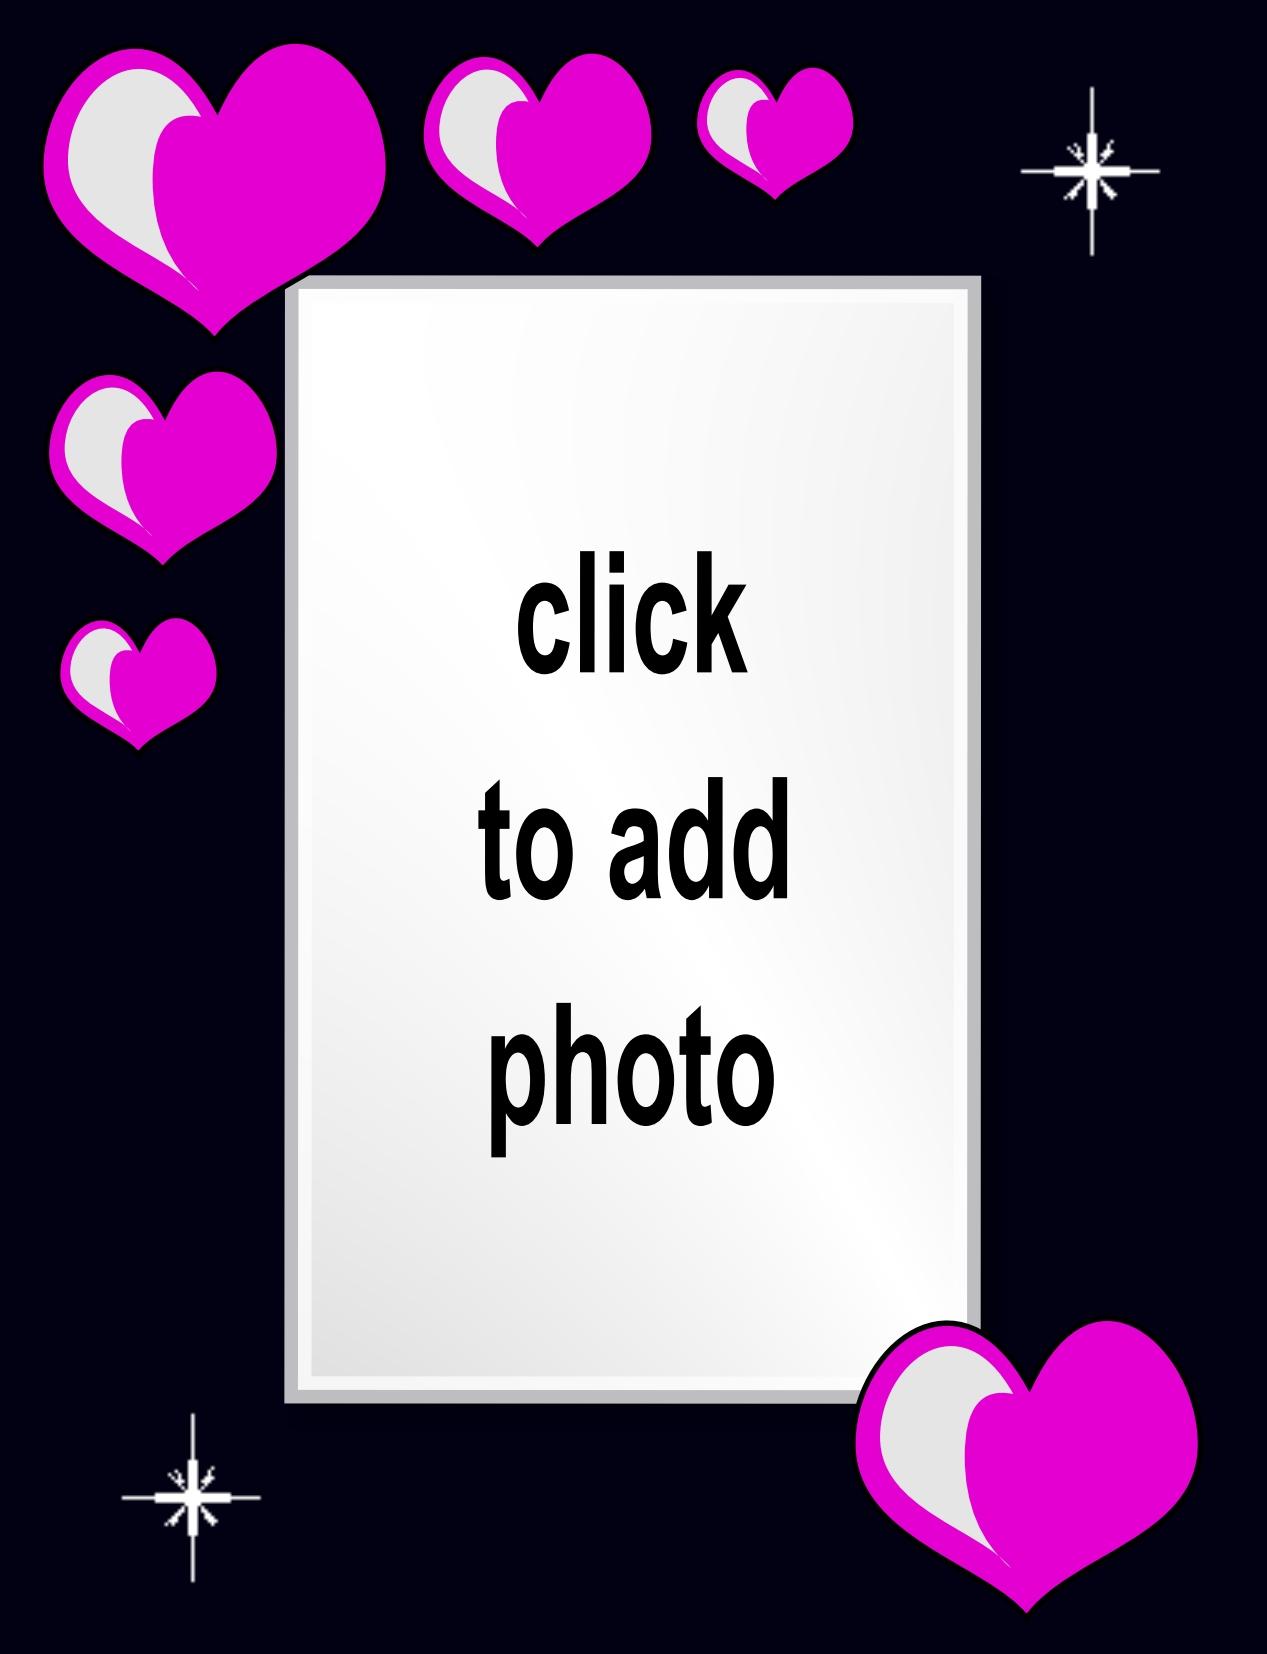 Imikimi Zo - I Love You Frames - Plain and simple single frame ...